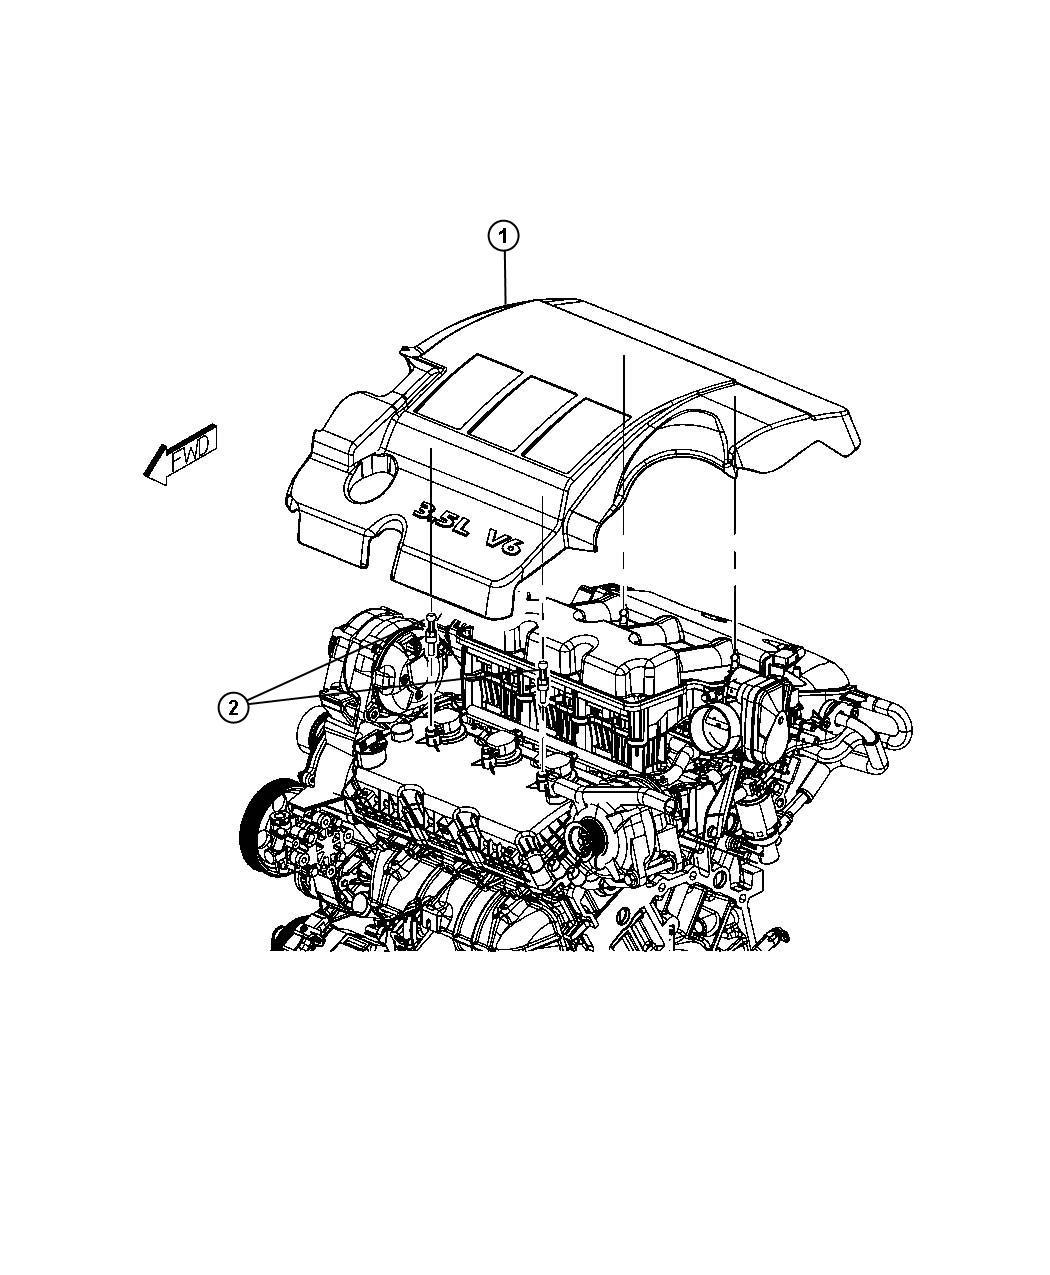 96 Dodge Avenger Engine Diagram